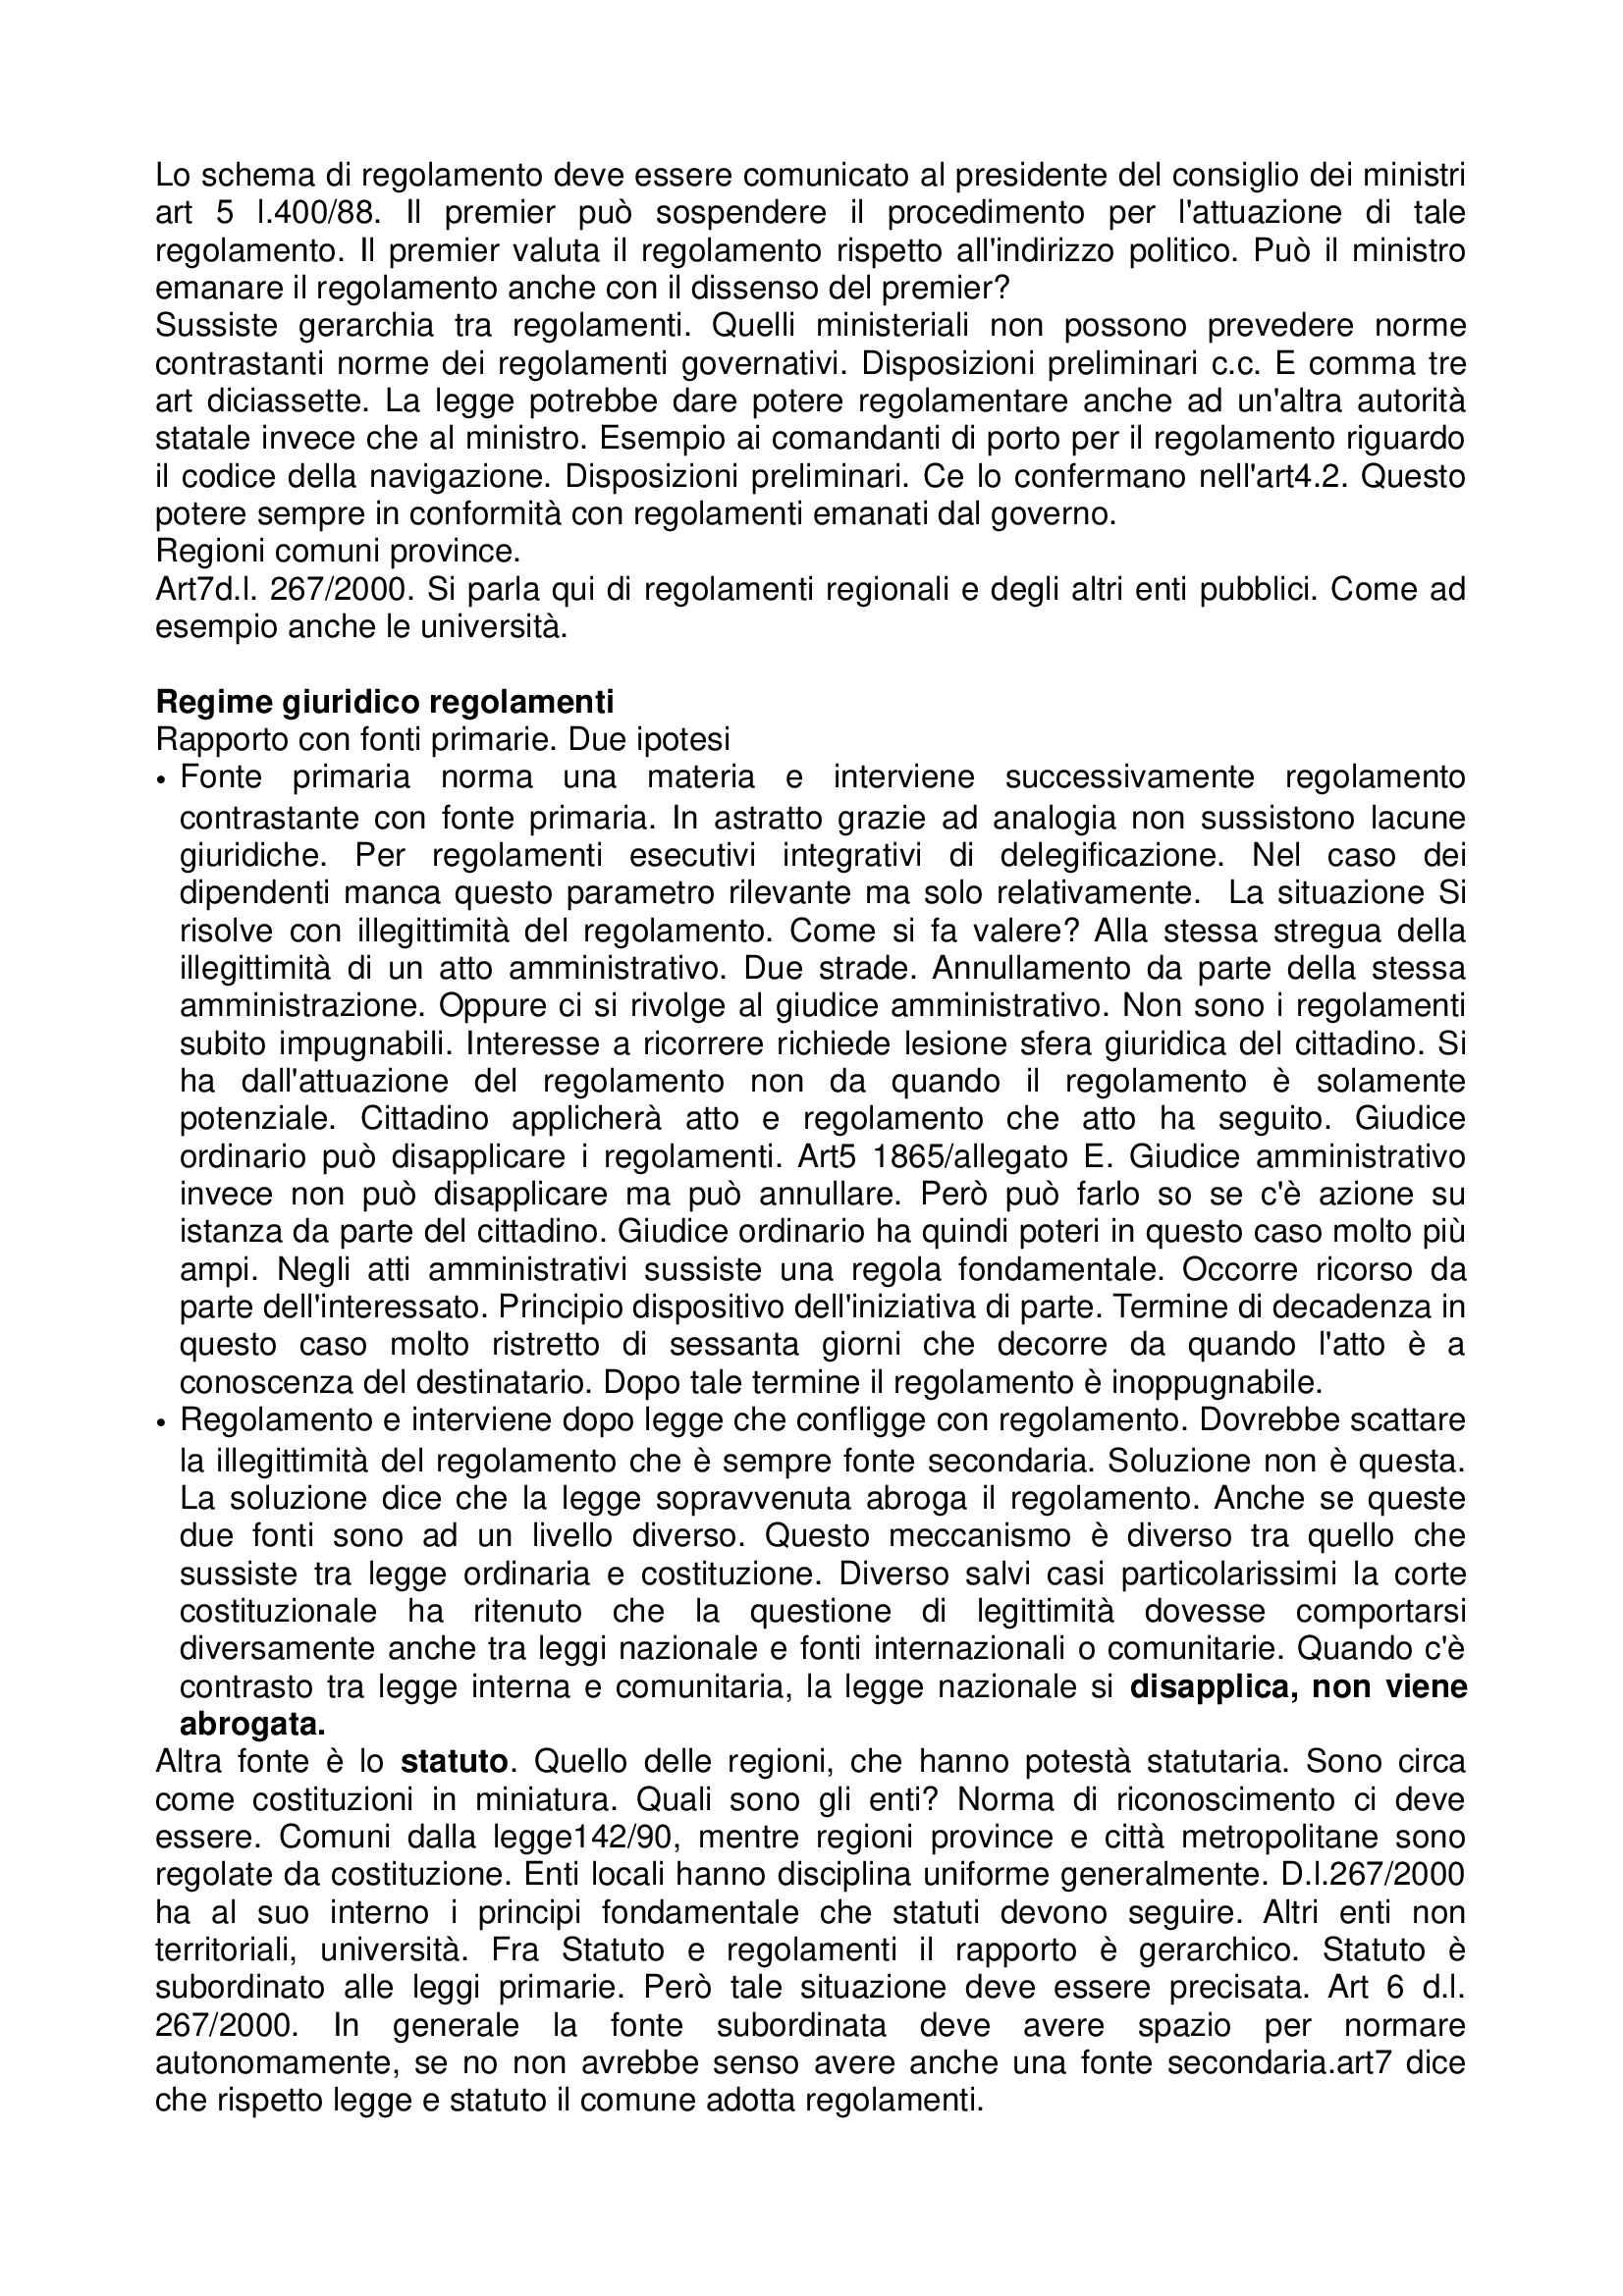 Diritto amministrativo - Appunti Pag. 21